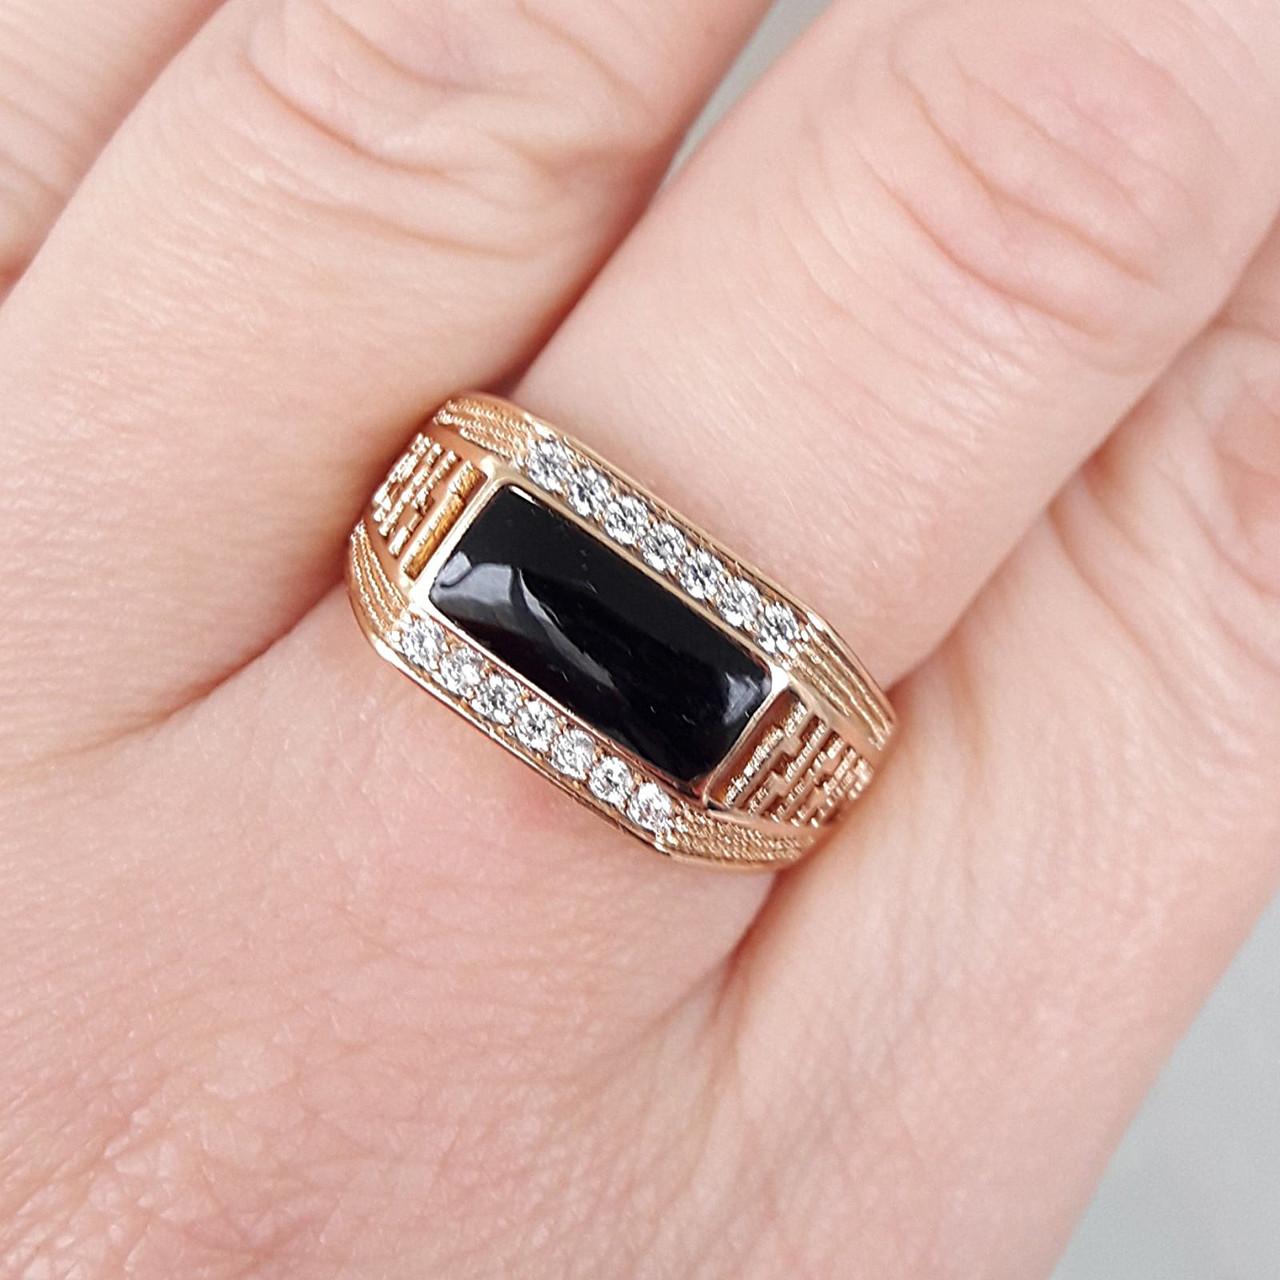 Перстень xuping 21,22р 1см печатка мужская медицинское золото позолота 18К м269